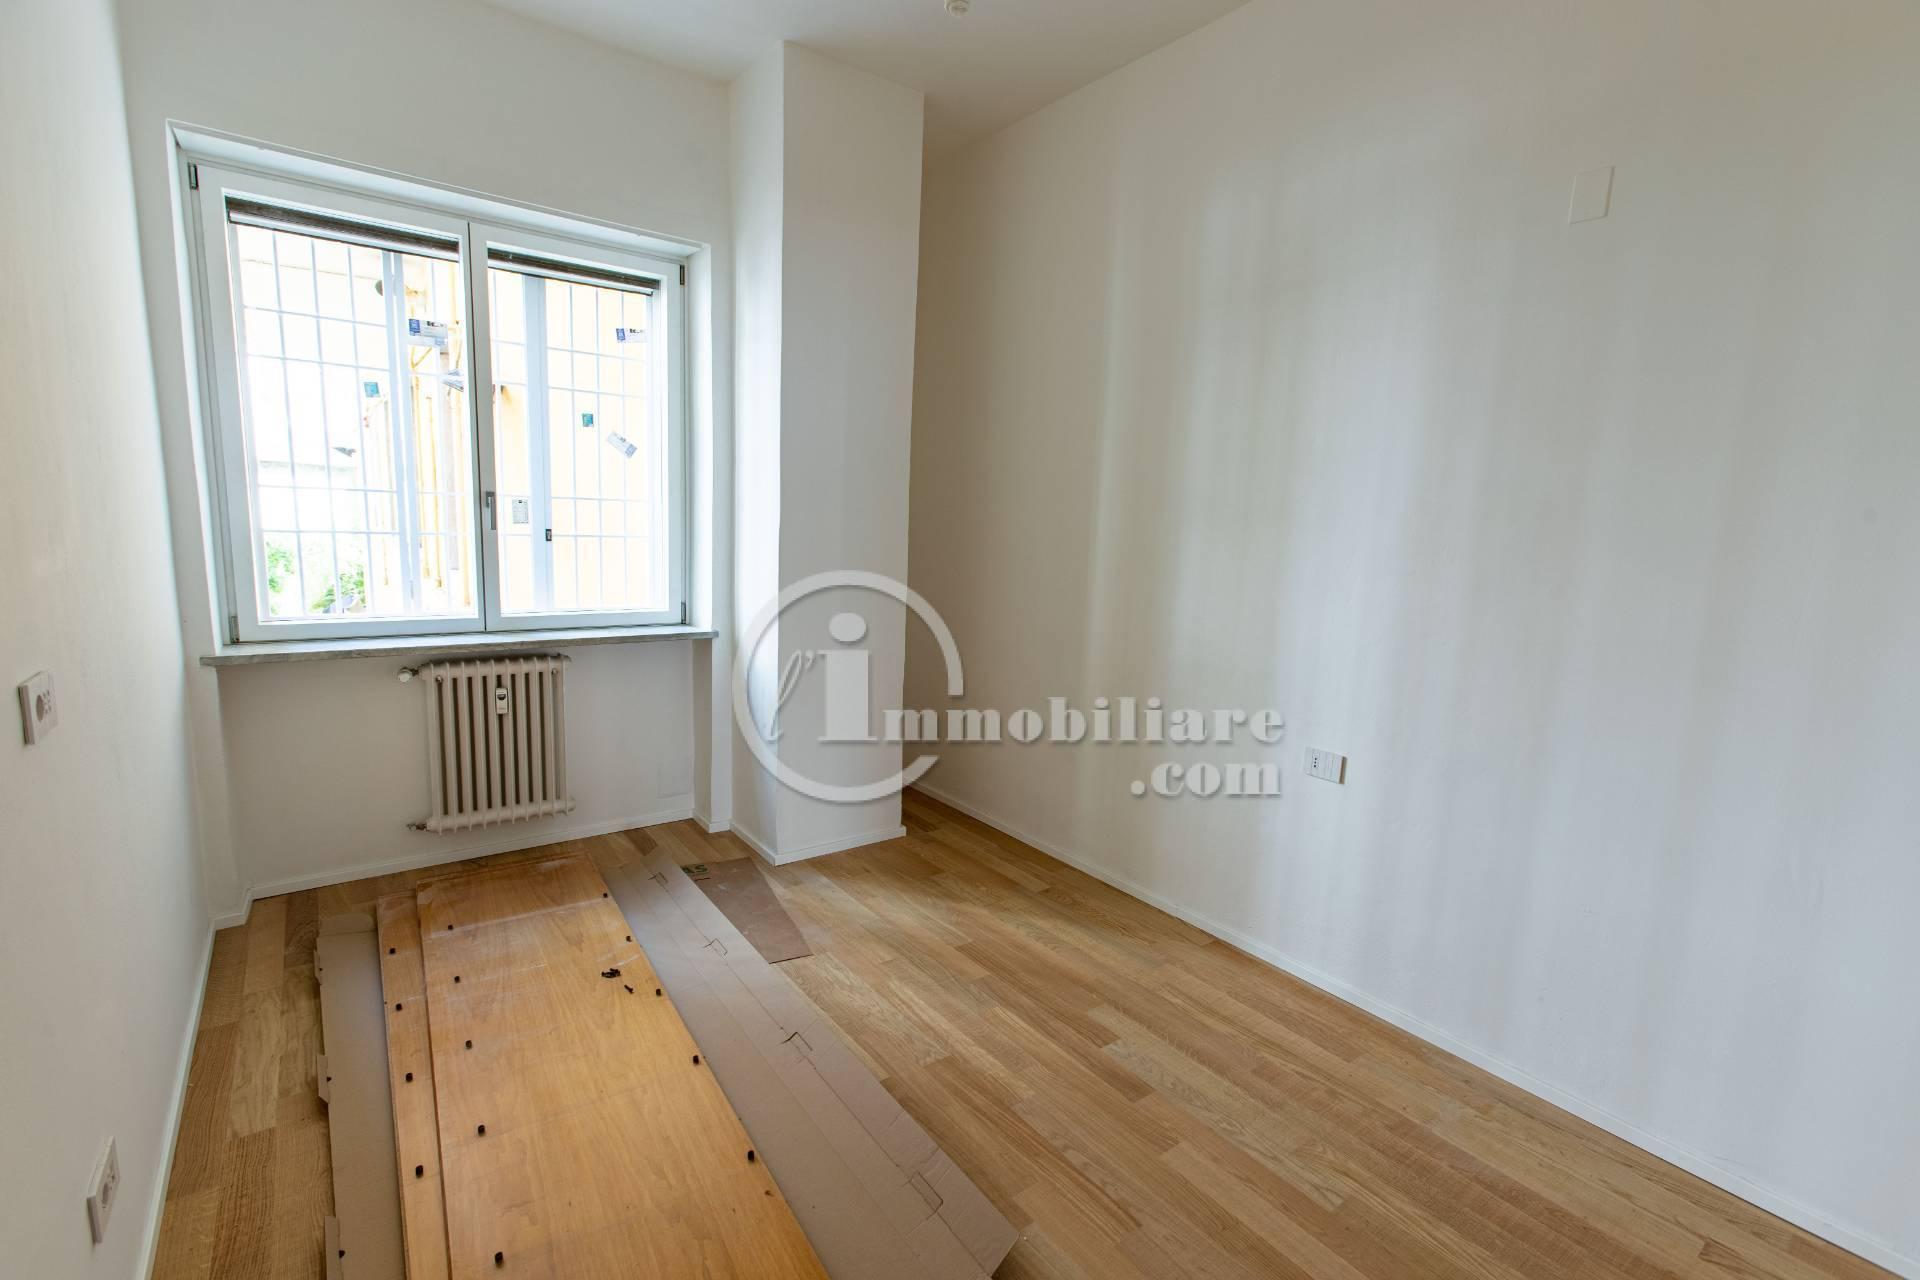 Appartamento in Vendita a Milano: 3 locali, 75 mq - Foto 11